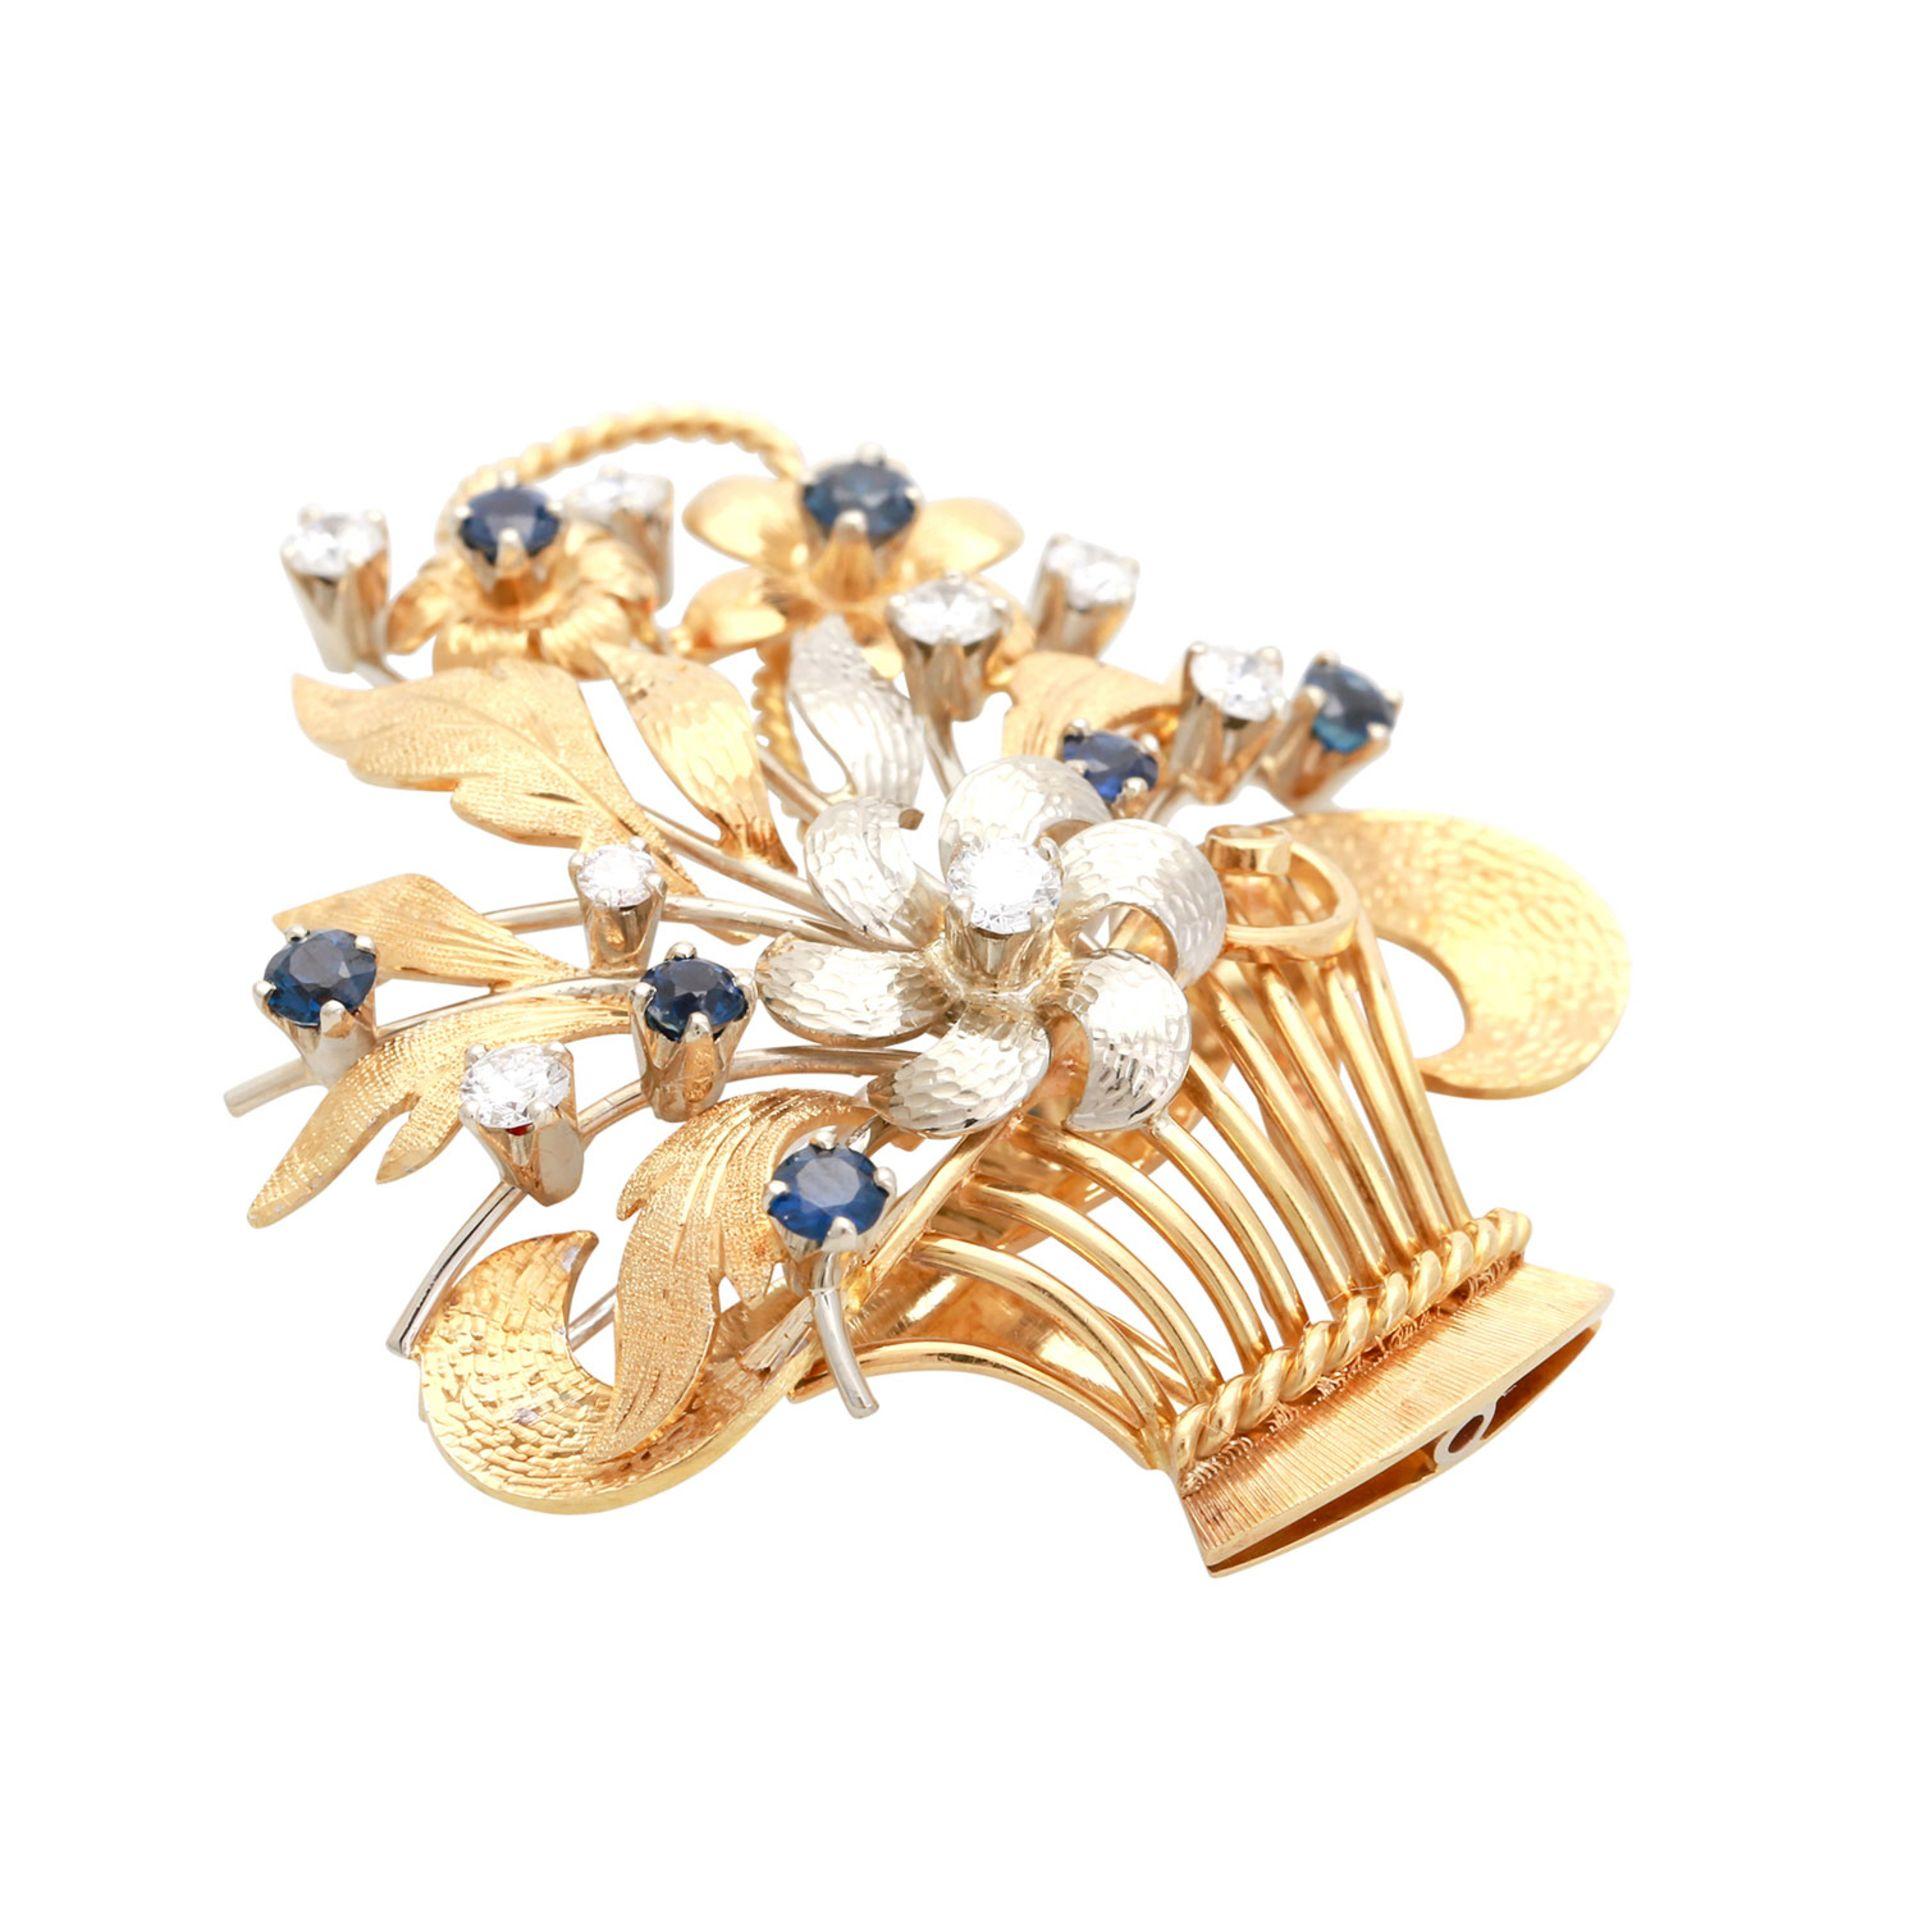 Los 76 - Brosche mit Diamanten und Saphiren in Form eines Blütenkorbs, 8 Brillanten von zus. ca. 0,45 ct.,